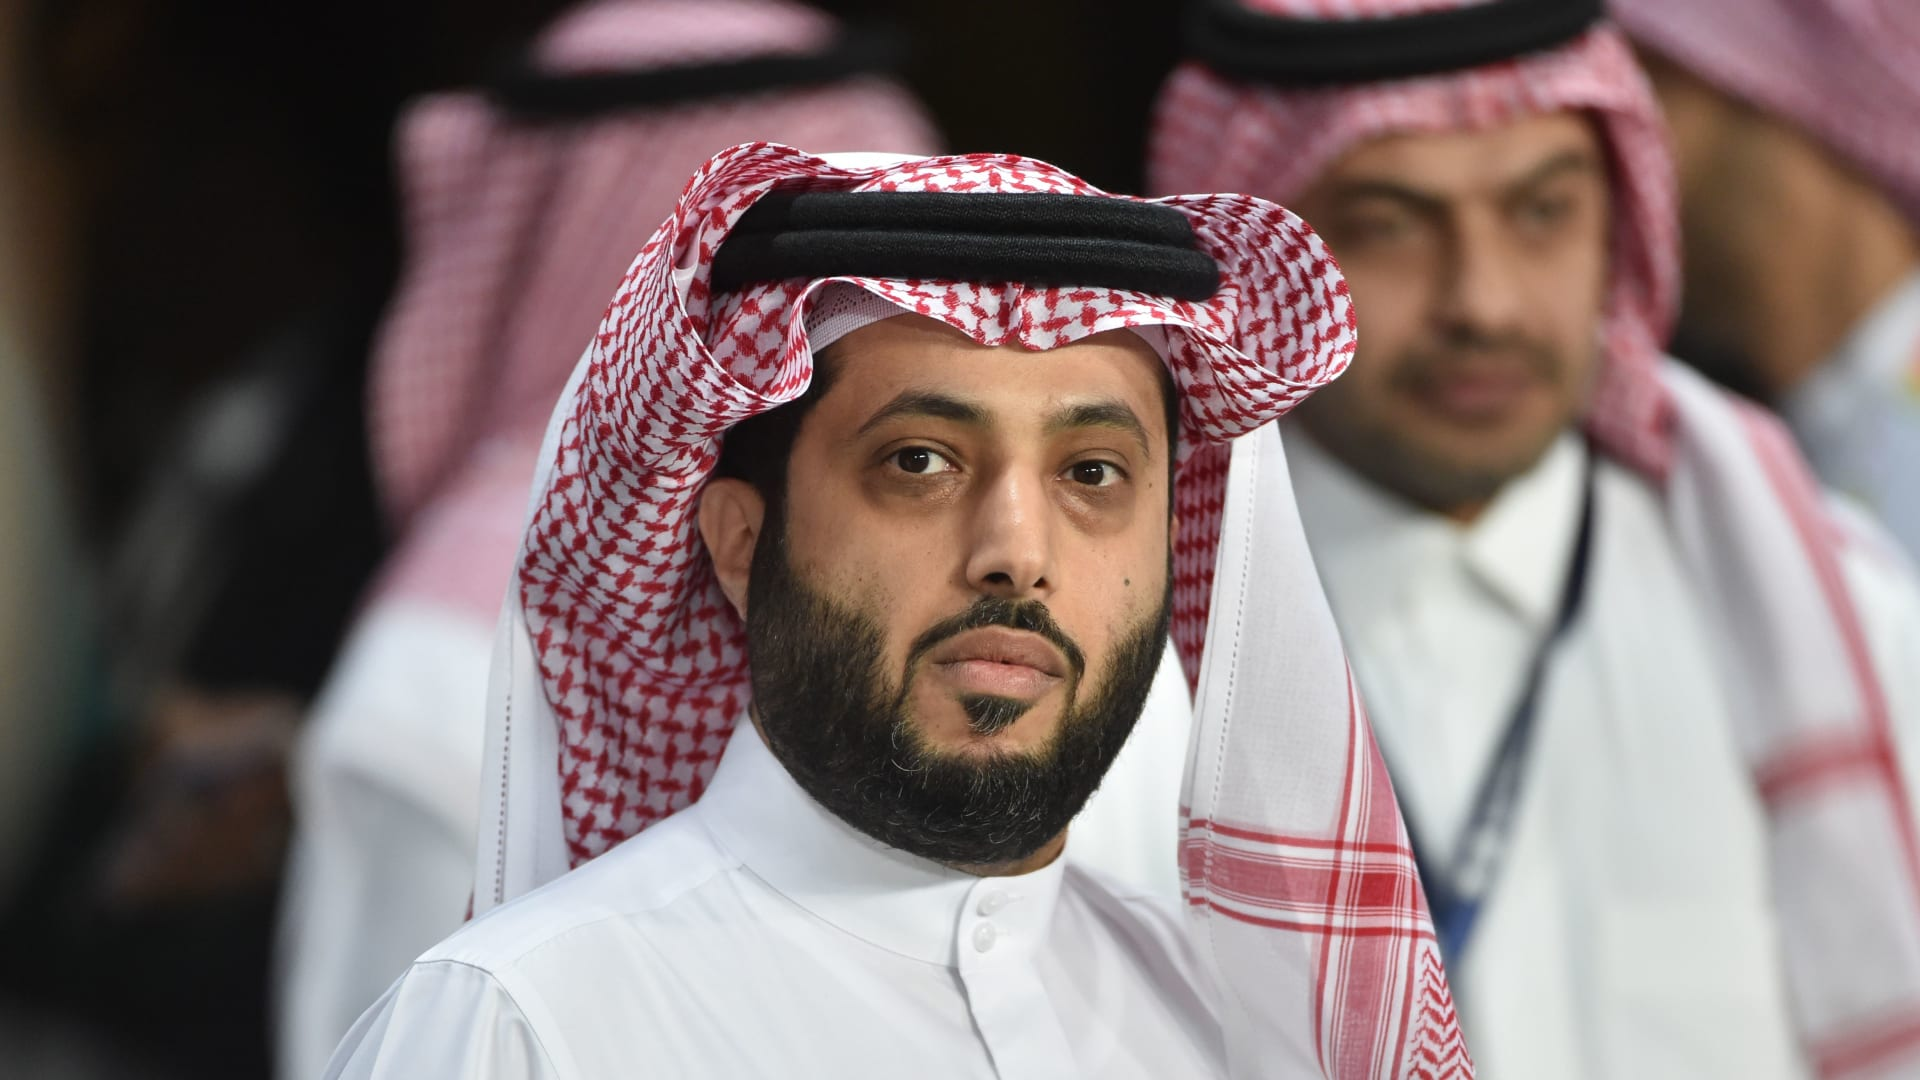 عودة كارتيرون للزمالك.. تركي آل الشيخ يوضح علاقته بالقضية ويؤكد: لم أزر مصر منذ فترة طويلة